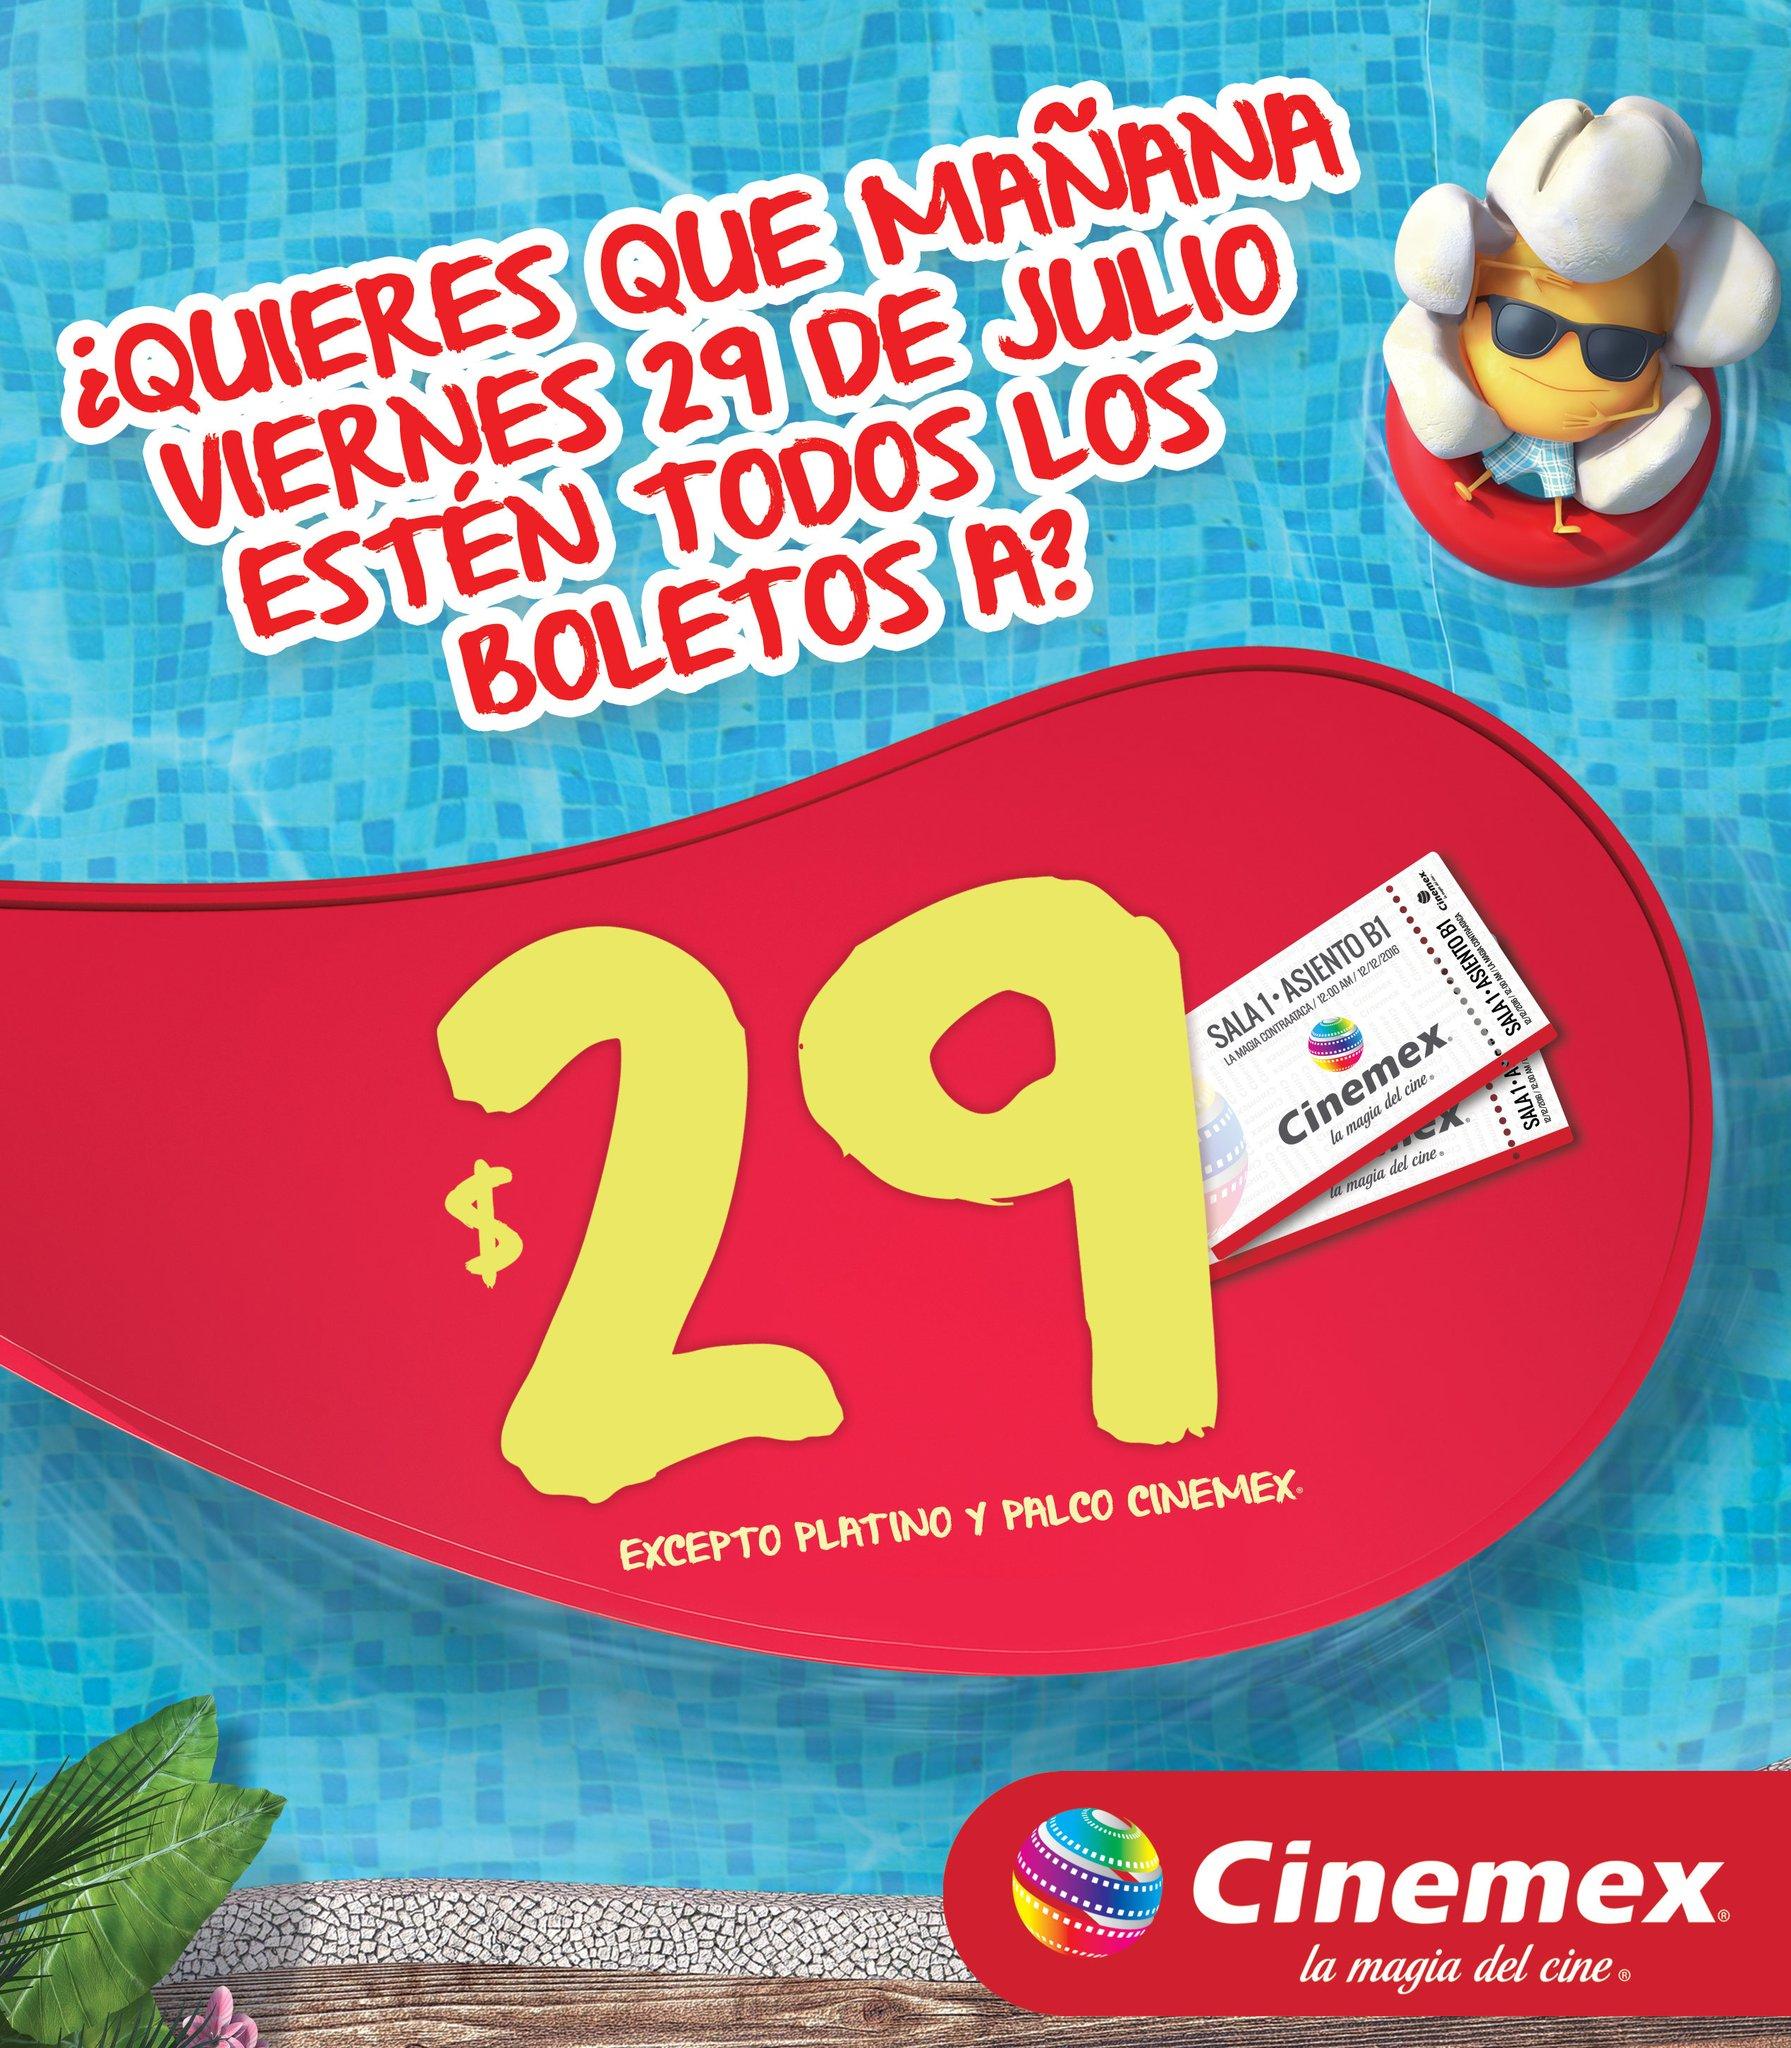 Cinemex: $29 pesos cualquier sala el 29 Julio